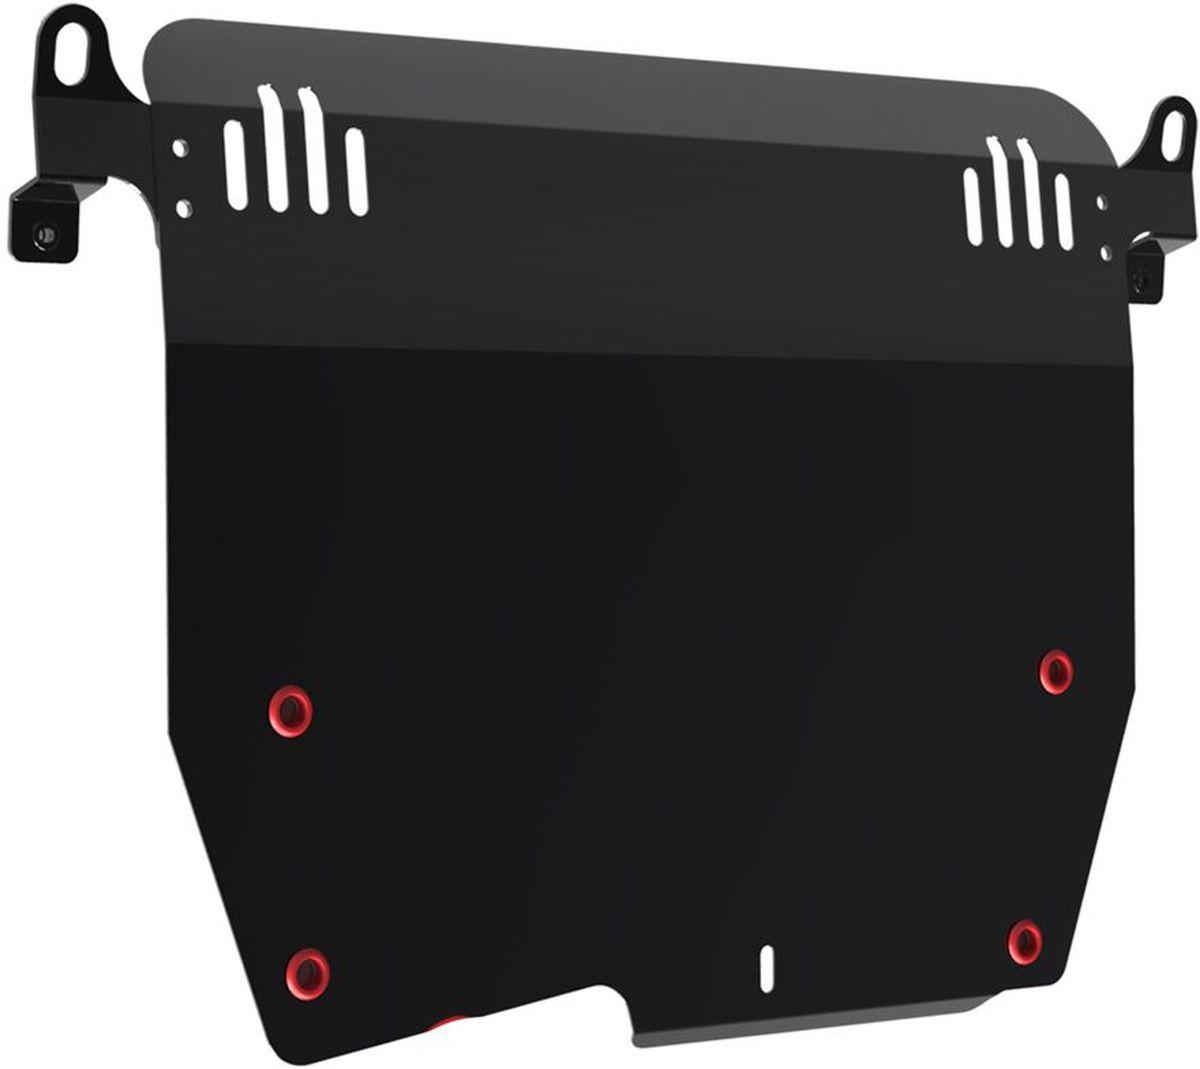 Защита картера и КПП Автоброня, для Honda Accord. 111.02101.24620019034603Технологически совершенный продукт за невысокую стоимость.Защита разработана с учетом особенностей днища автомобиля, что позволяет сохранить дорожный просвет с минимальным изменением.Защита устанавливается в штатные места кузова автомобиля. Глубокий штамп обеспечивает до двух раз больше жесткости в сравнении с обычной защитой той же толщины. Проштампованные ребра жесткости препятствуют деформации защиты при ударах.Тепловой зазор и вентиляционные отверстия обеспечивают сохранение температурного режима двигателя в норме. Скрытый крепеж предотвращает срыв крепежных элементов при наезде на препятствие.Шумопоглощающие резиновые элементы обеспечивают комфортную езду без вибраций и скрежета металла, а съемные лючки для слива масла и замены фильтра - экономию средств и время.Конструкция изделия не влияет на пассивную безопасность автомобиля (при ударе защита не воздействует на деформационные зоны кузова). Со штатным крепежом. В комплекте инструкция по установке.Толщина стали: 2 мм.